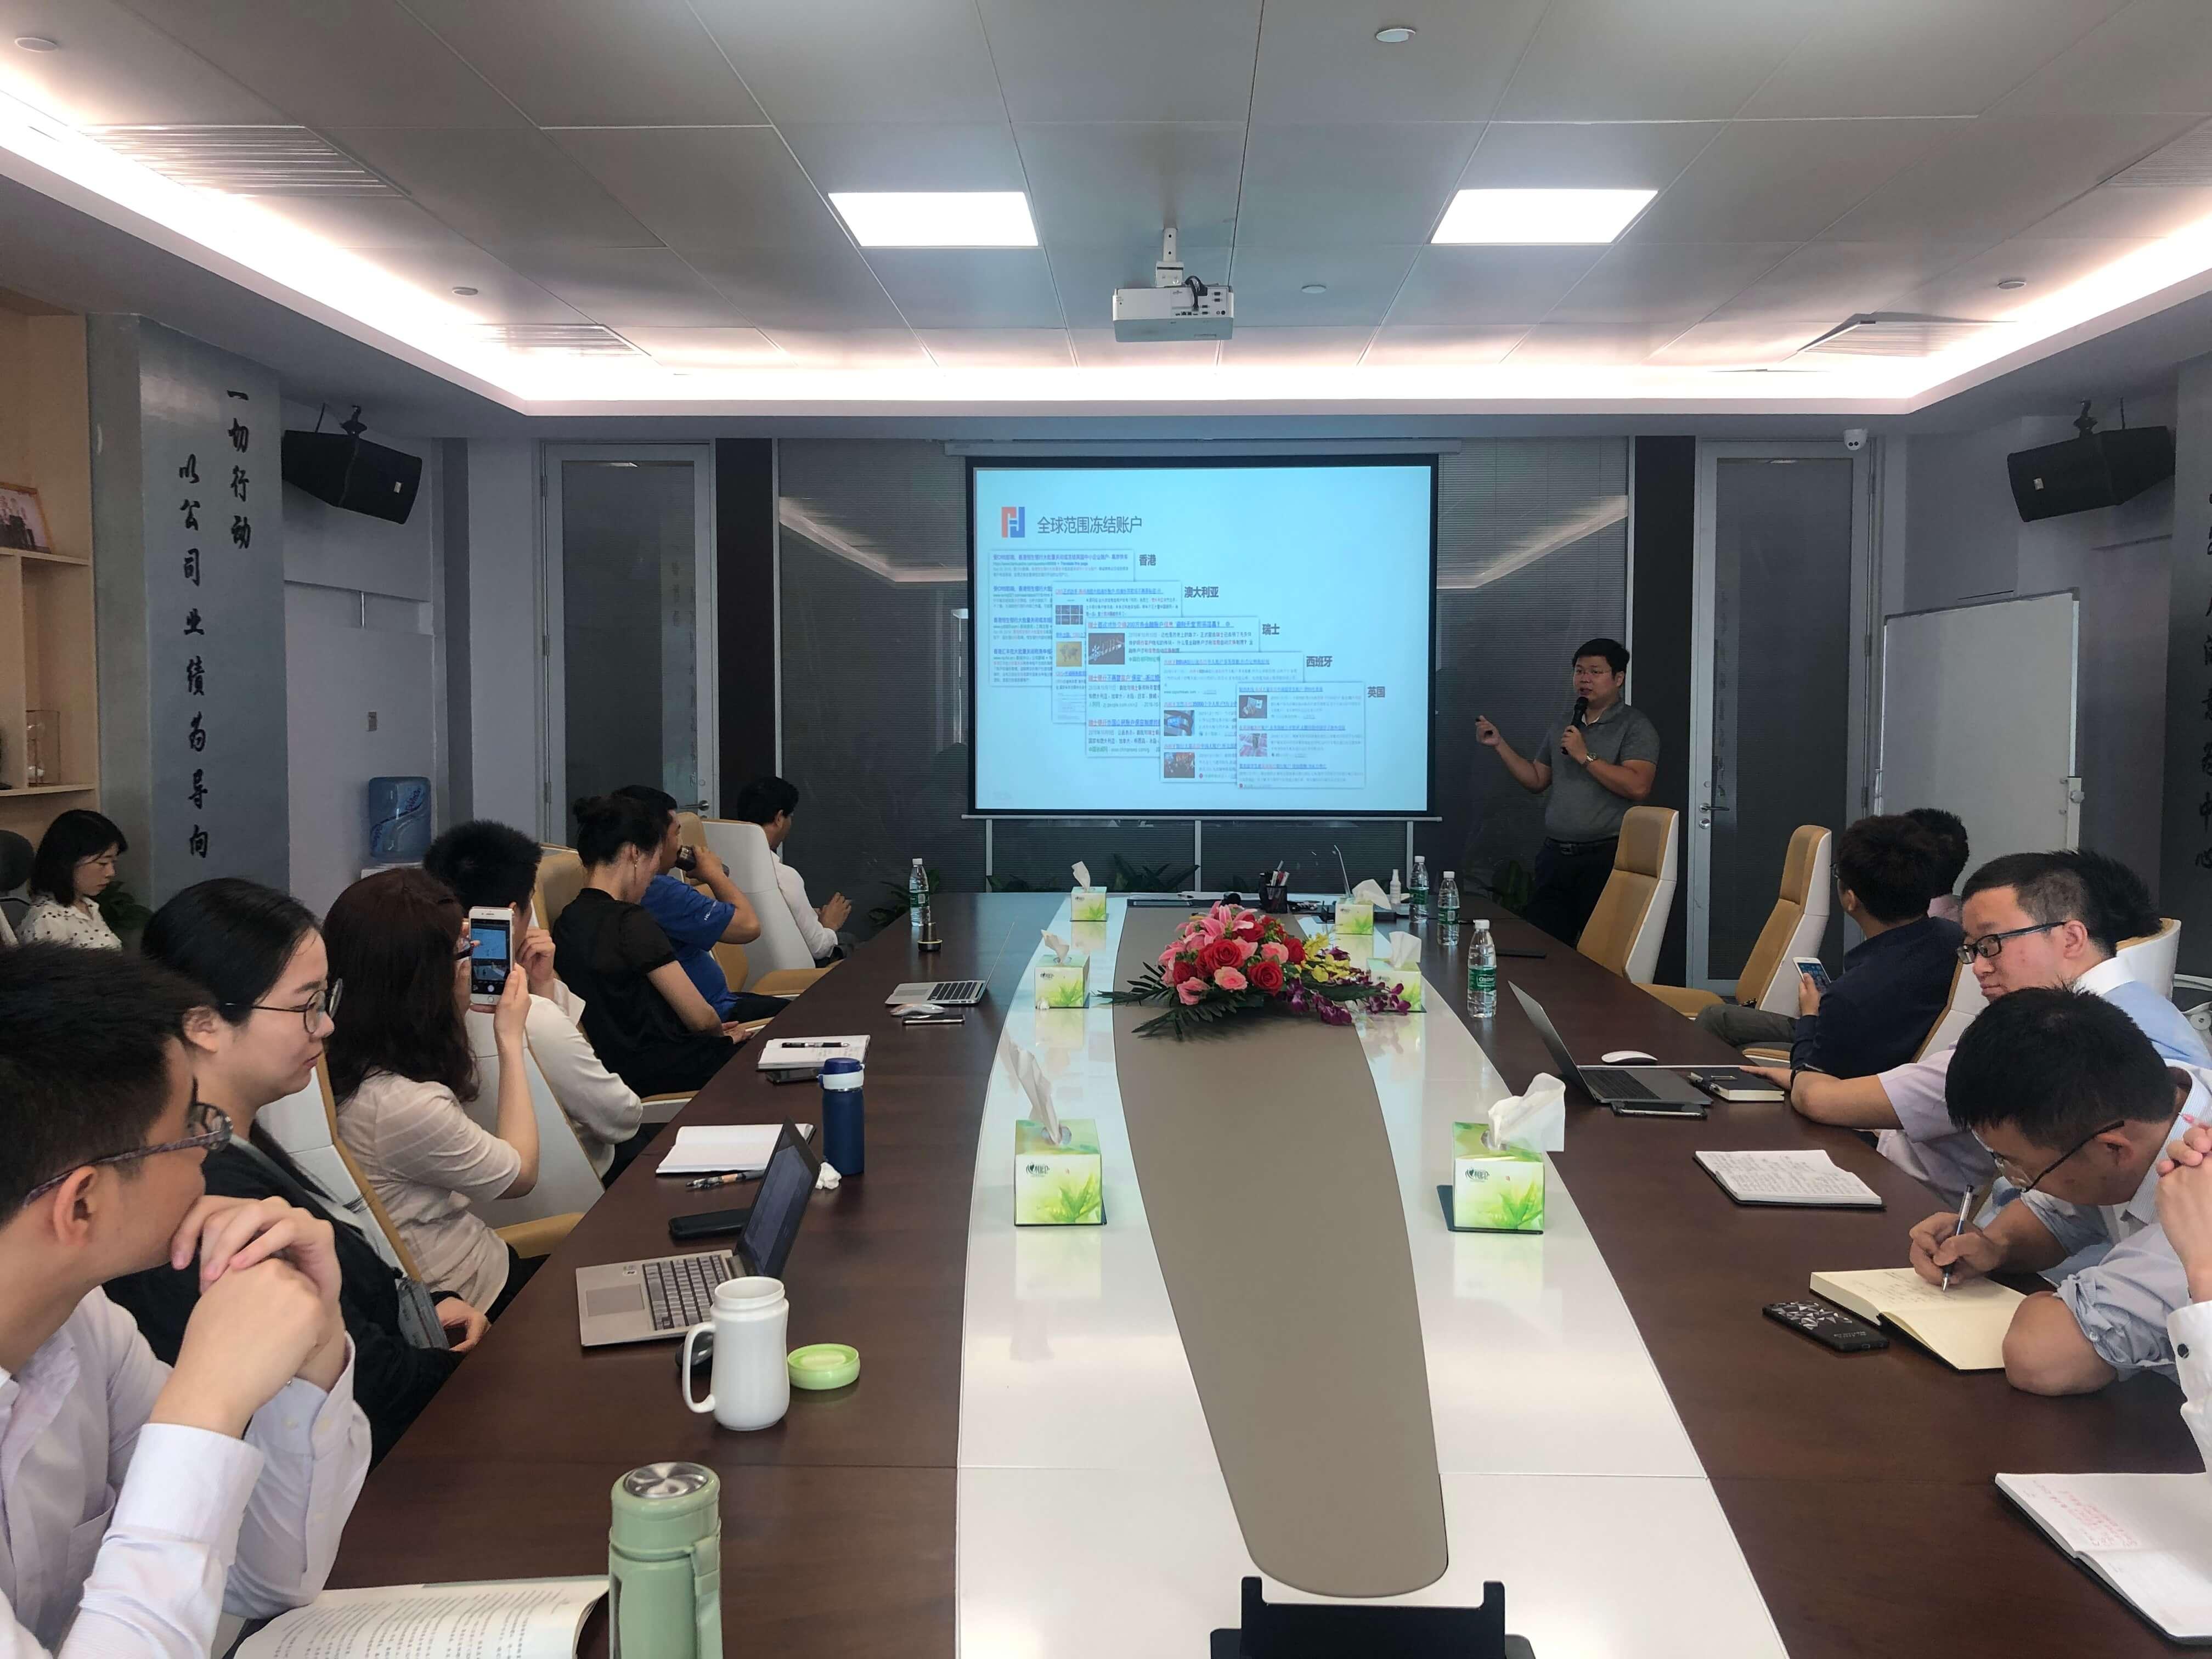 2019年艾珆资产管理中心与智慧源签约达成合作